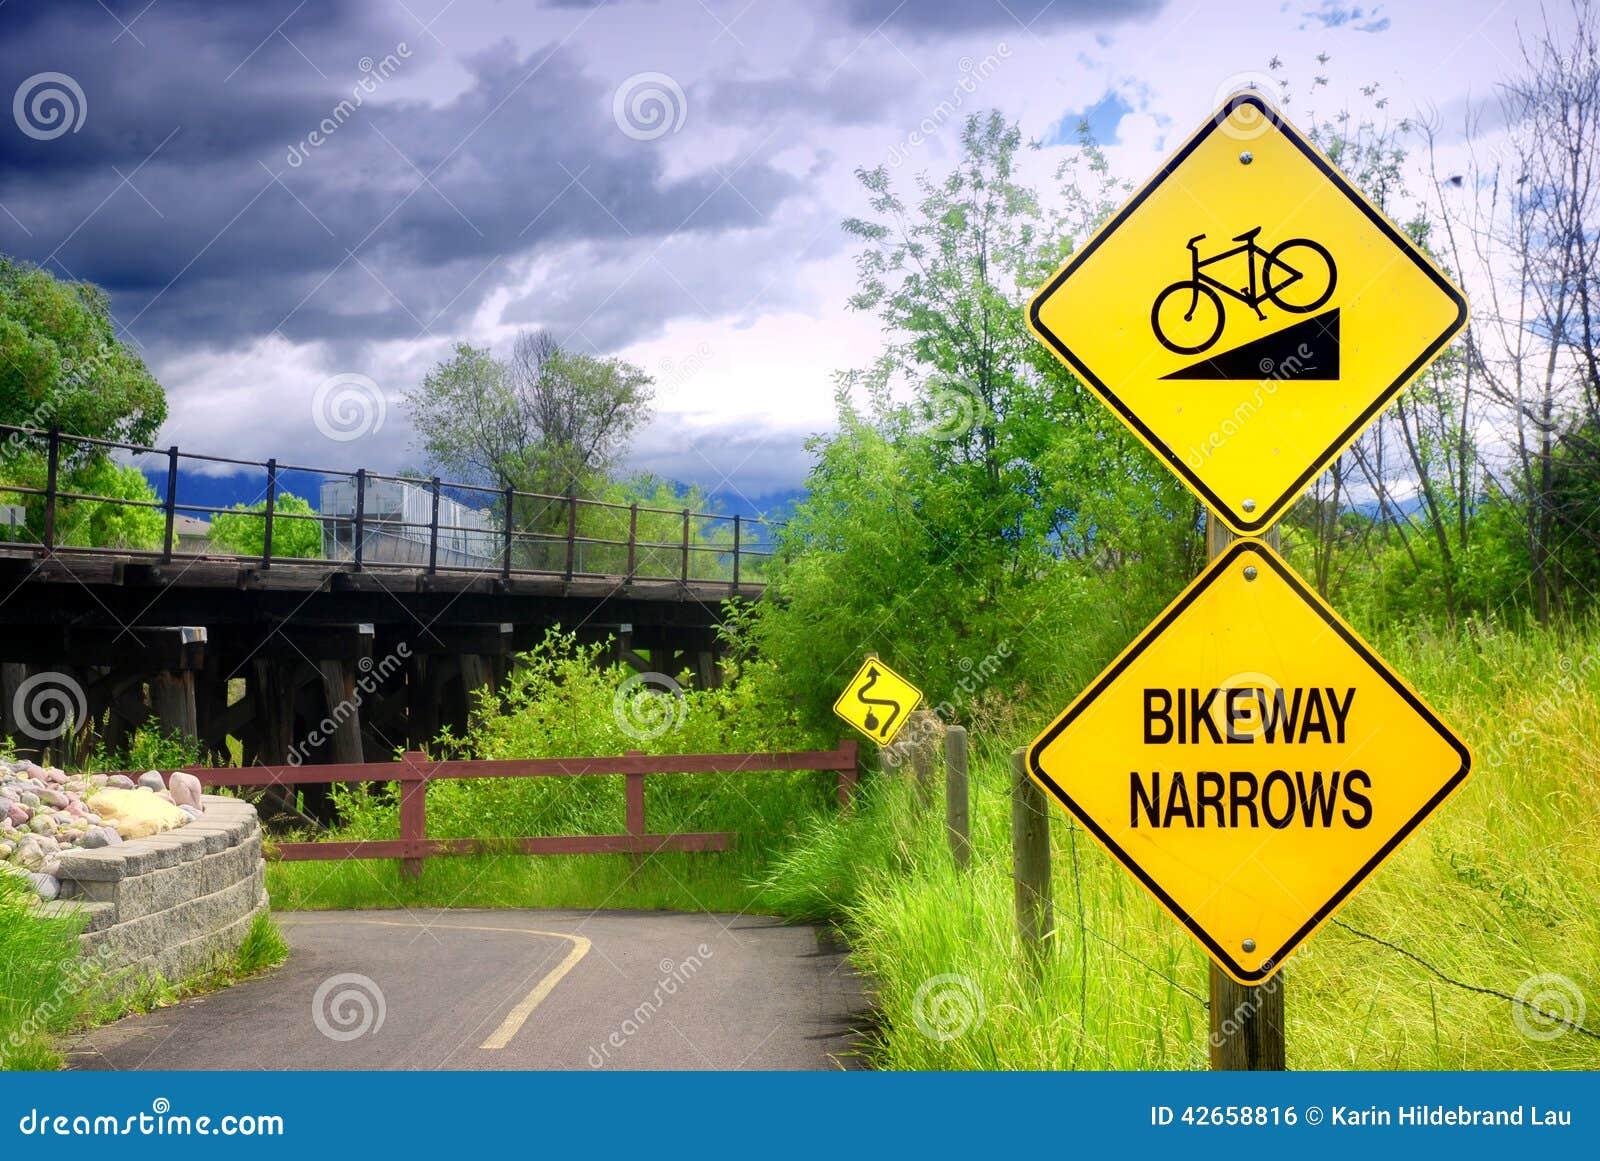 Bikeway Narrows Sign